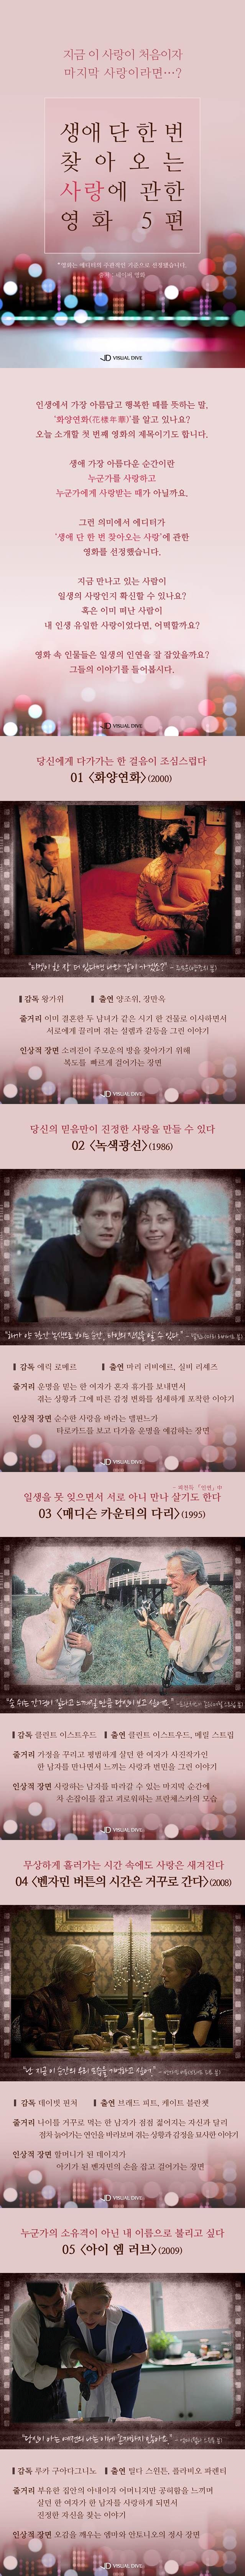 생애 단 한 번뿐인 사랑에 관한 영화 5편 [카드뉴스] #movie / #cardnews ⓒ 비주얼다이브 무단 복사·전재·재배포 금지